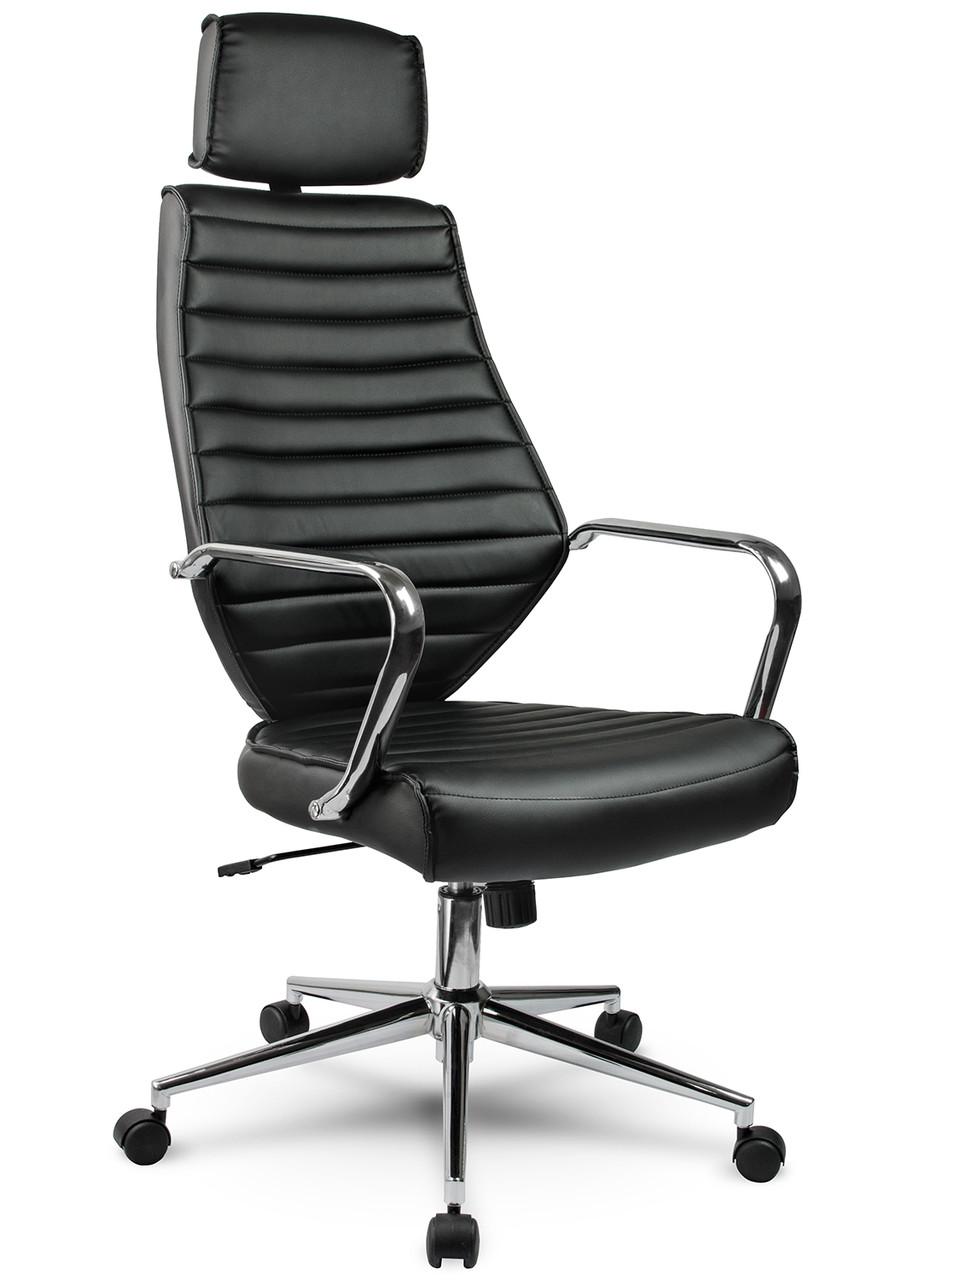 Кресло стул офисный кожаный Sofotel EG-225 черный